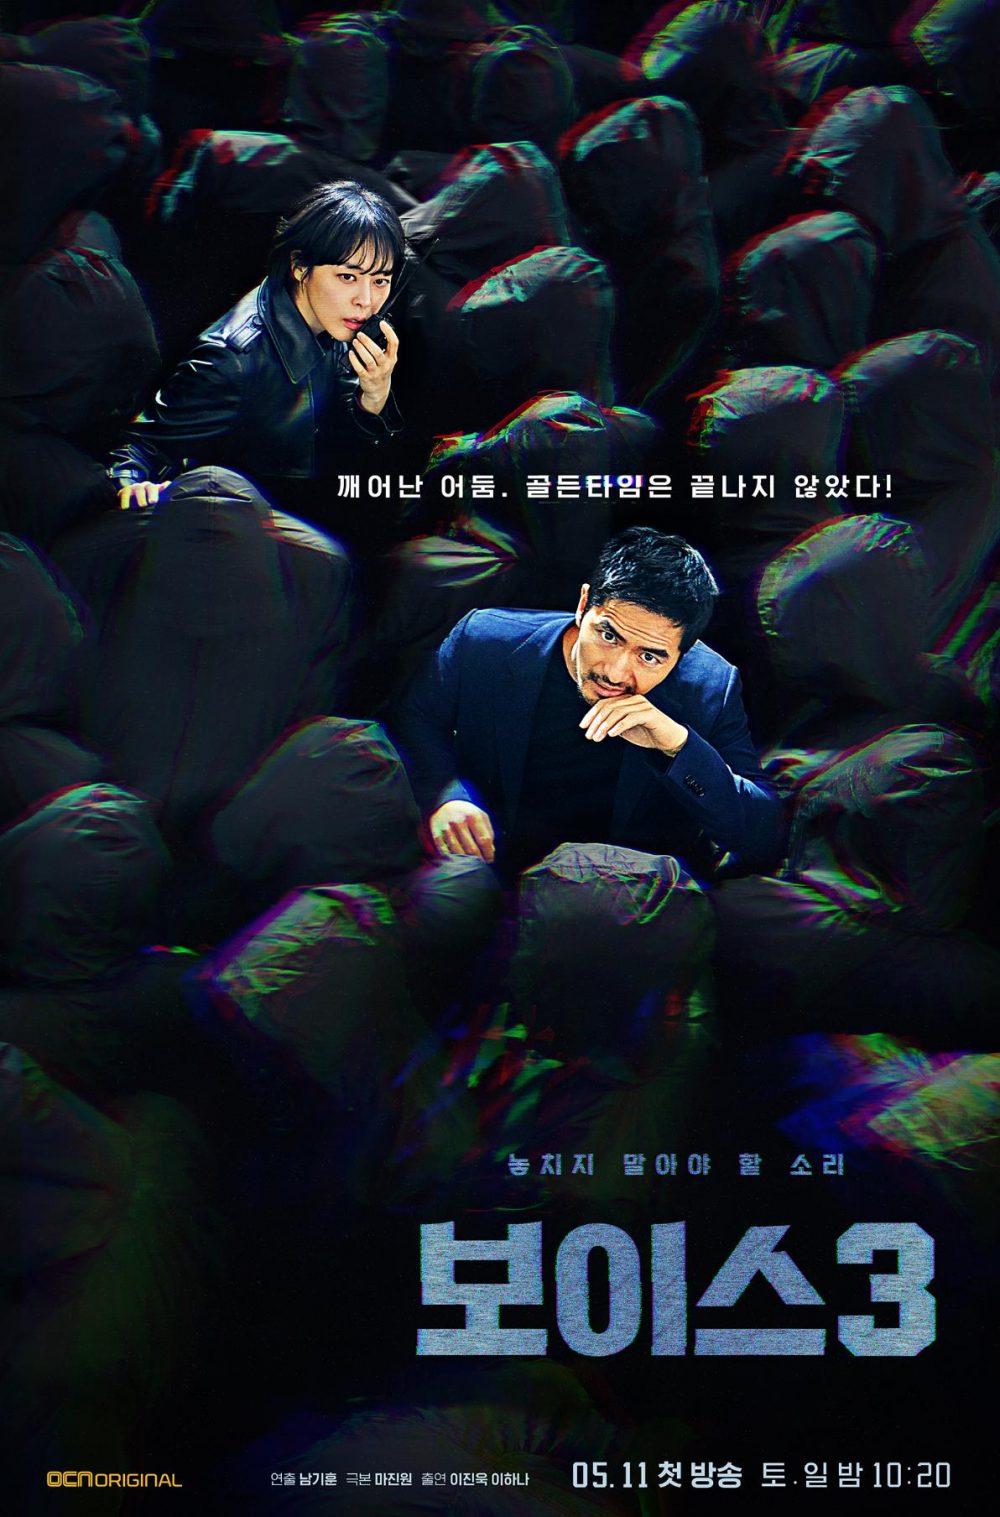 Phim tâm lý tội phạm Hàn Quốc:Giọng nói